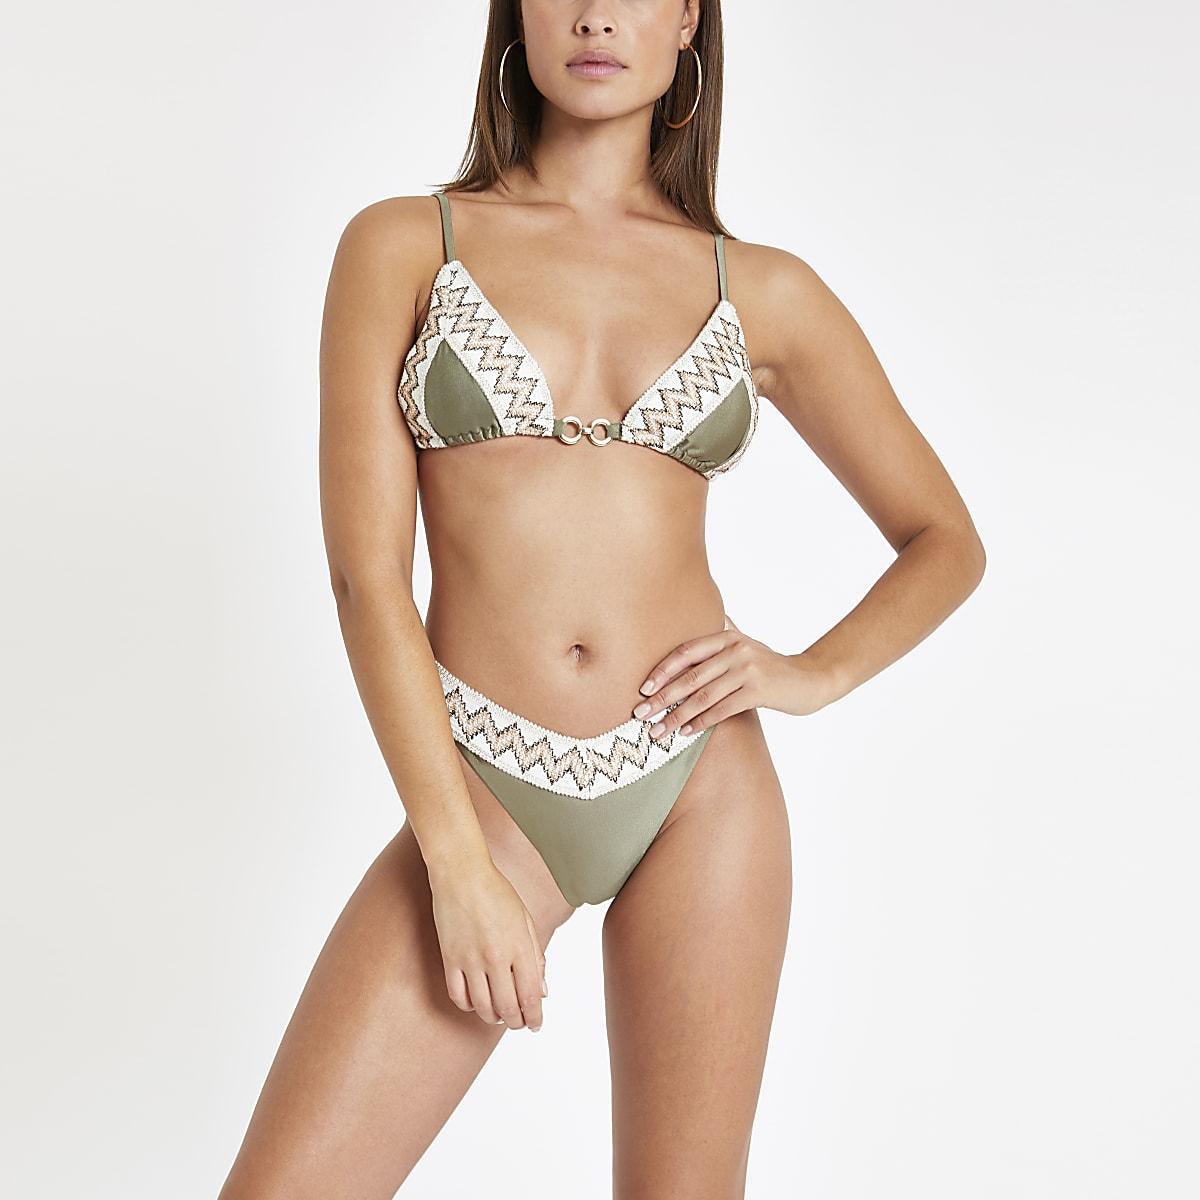 Kaki hoog opgesneden bikinibroekje met elastische rand